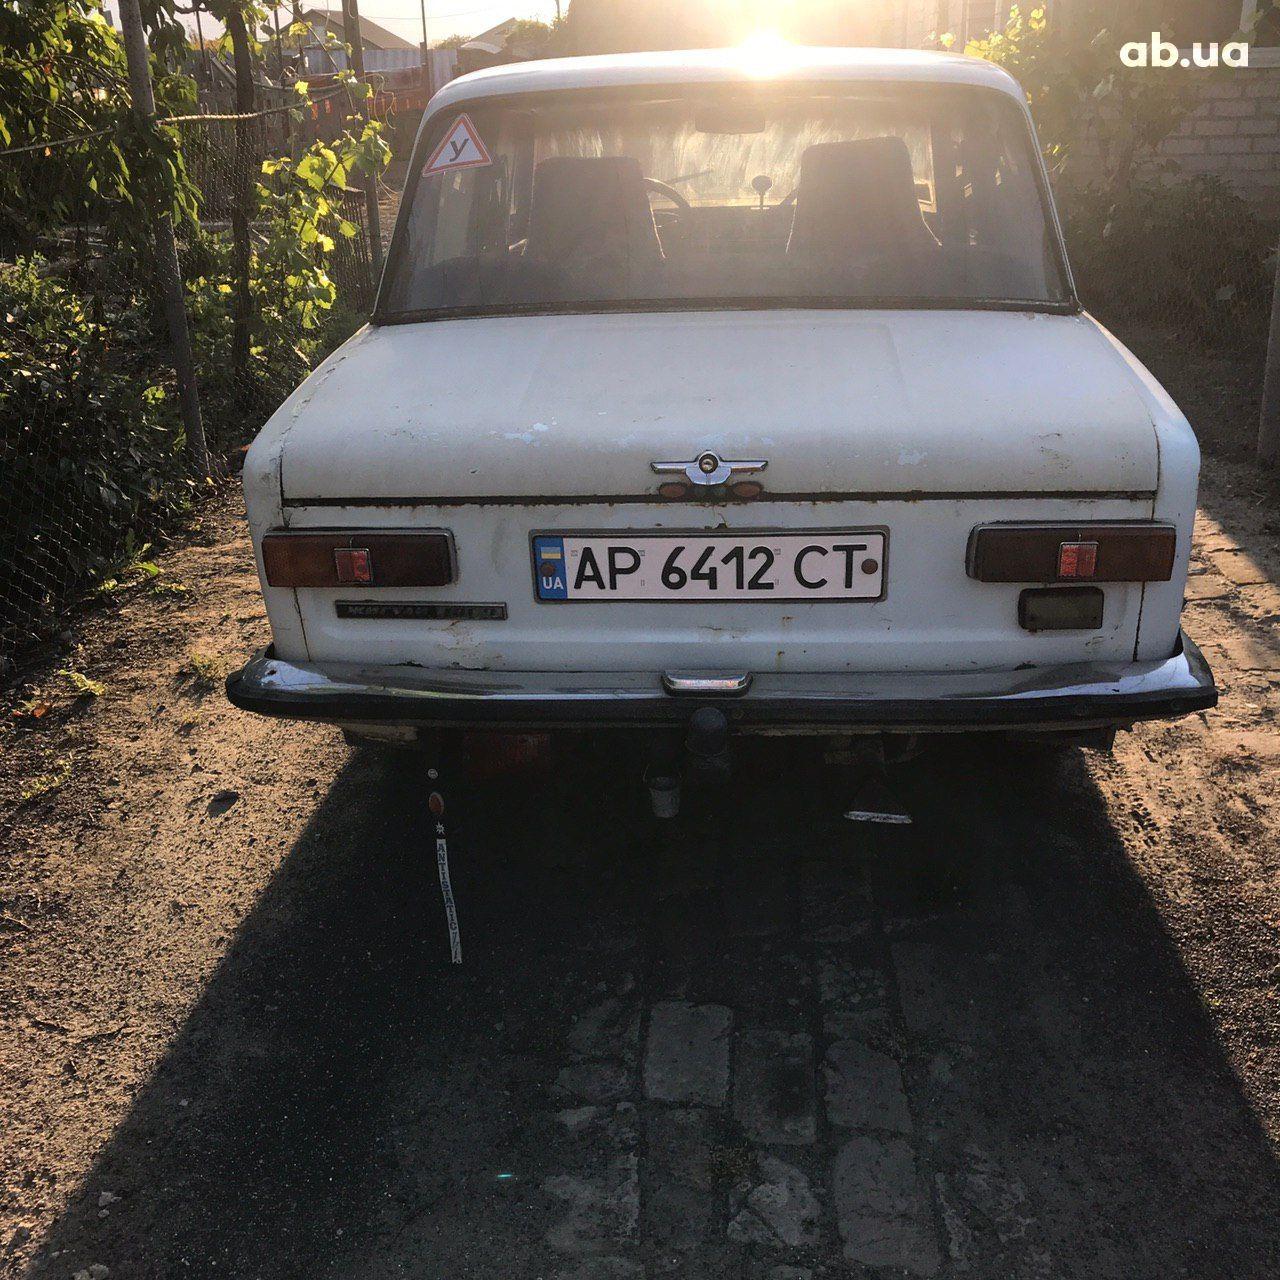 Lada (ВАЗ) 2101 1981 года в Мелитополе